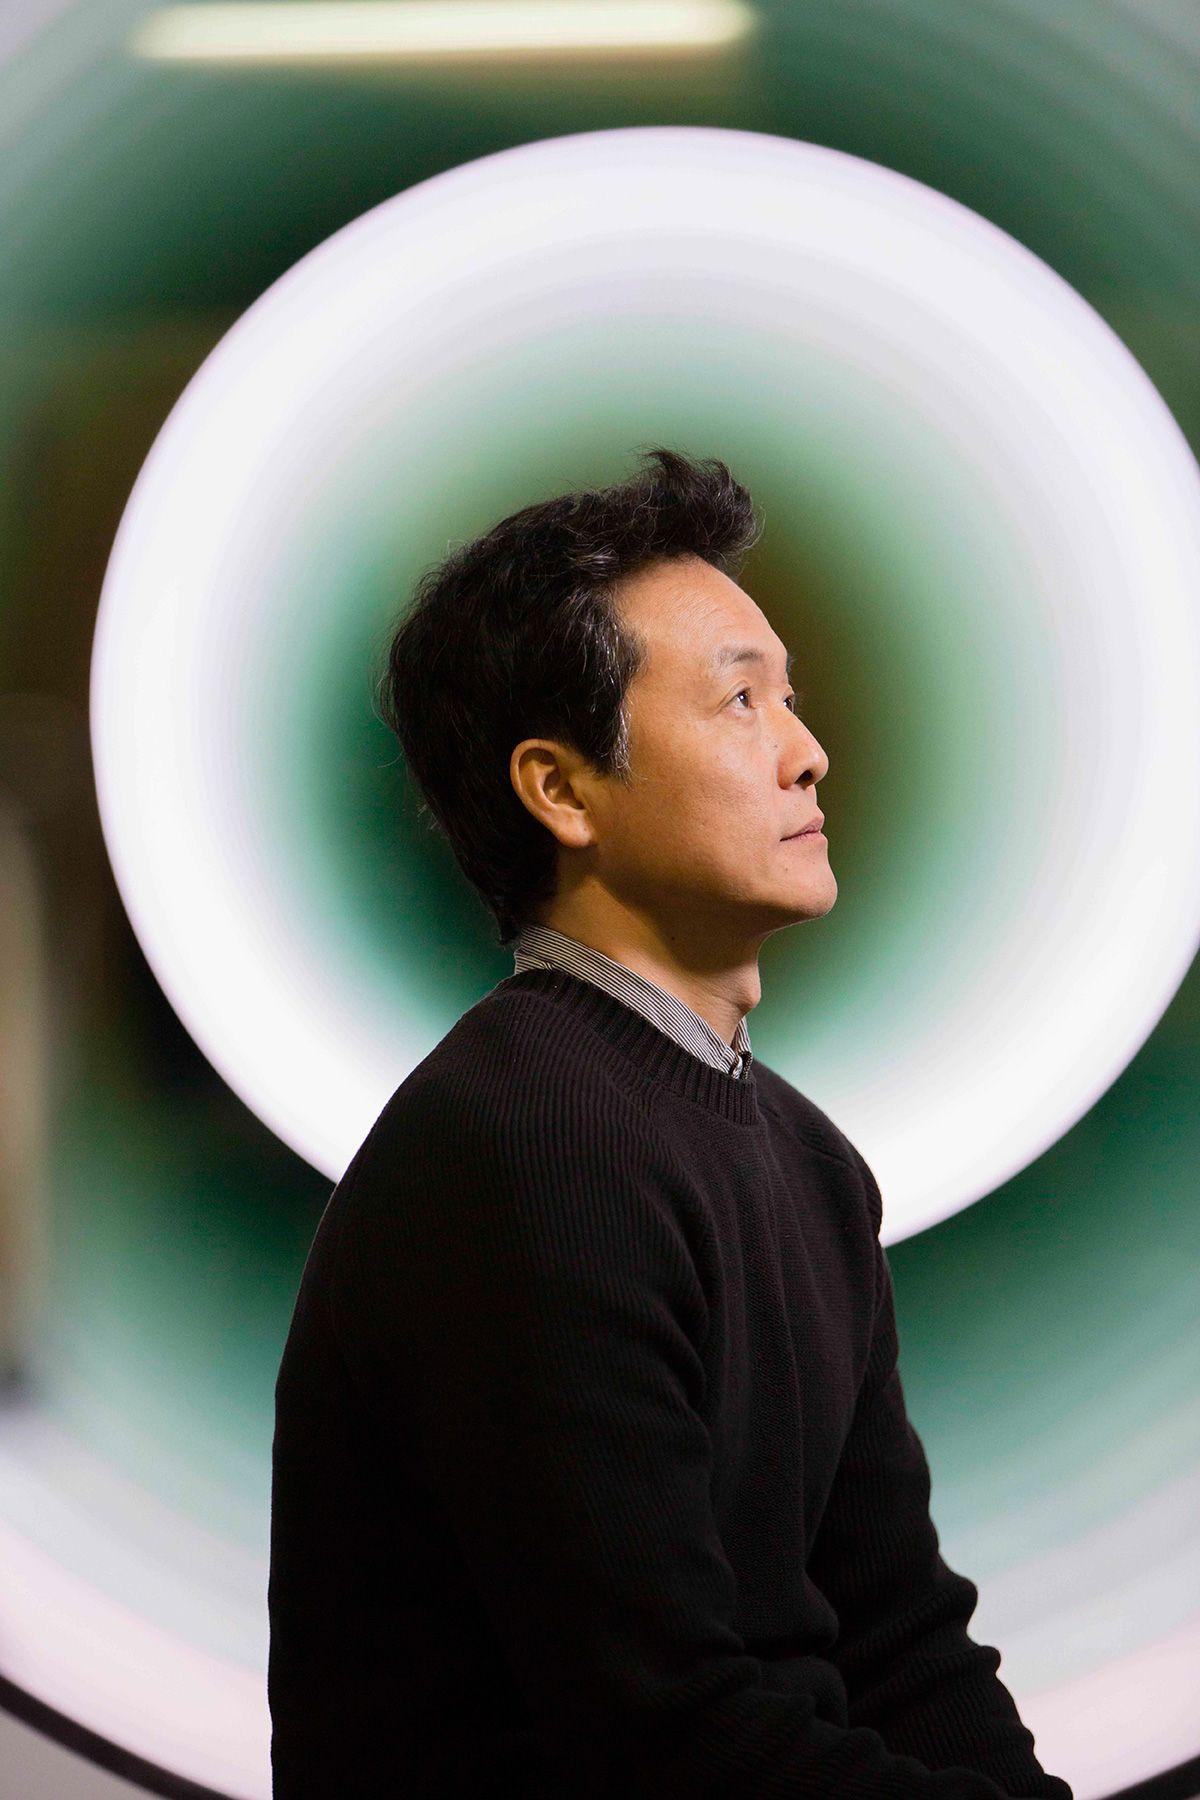 2019香港巴塞爾藝術展亮點聚焦!La Prairie攜手燈光藝術家Chul Hyun Ahn打造光之美學